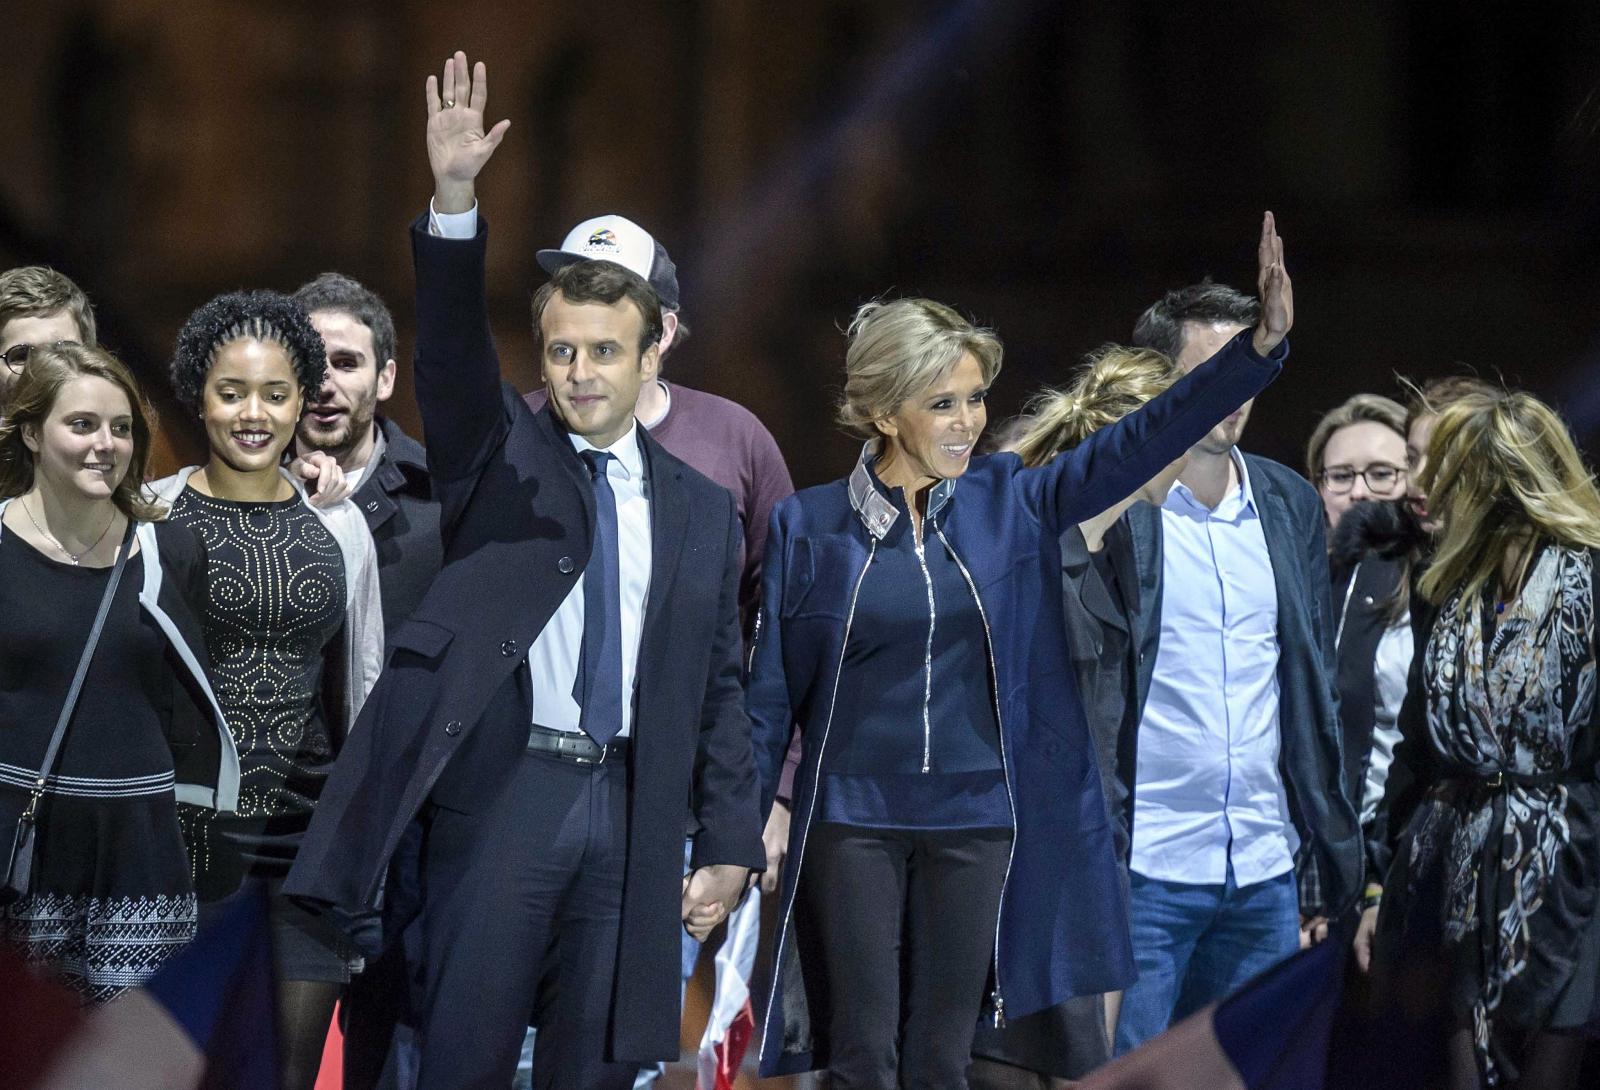 Emmanuel Macron z żoną świętują zwycięstwo w II turze wyborów prezydenckich we Francji.